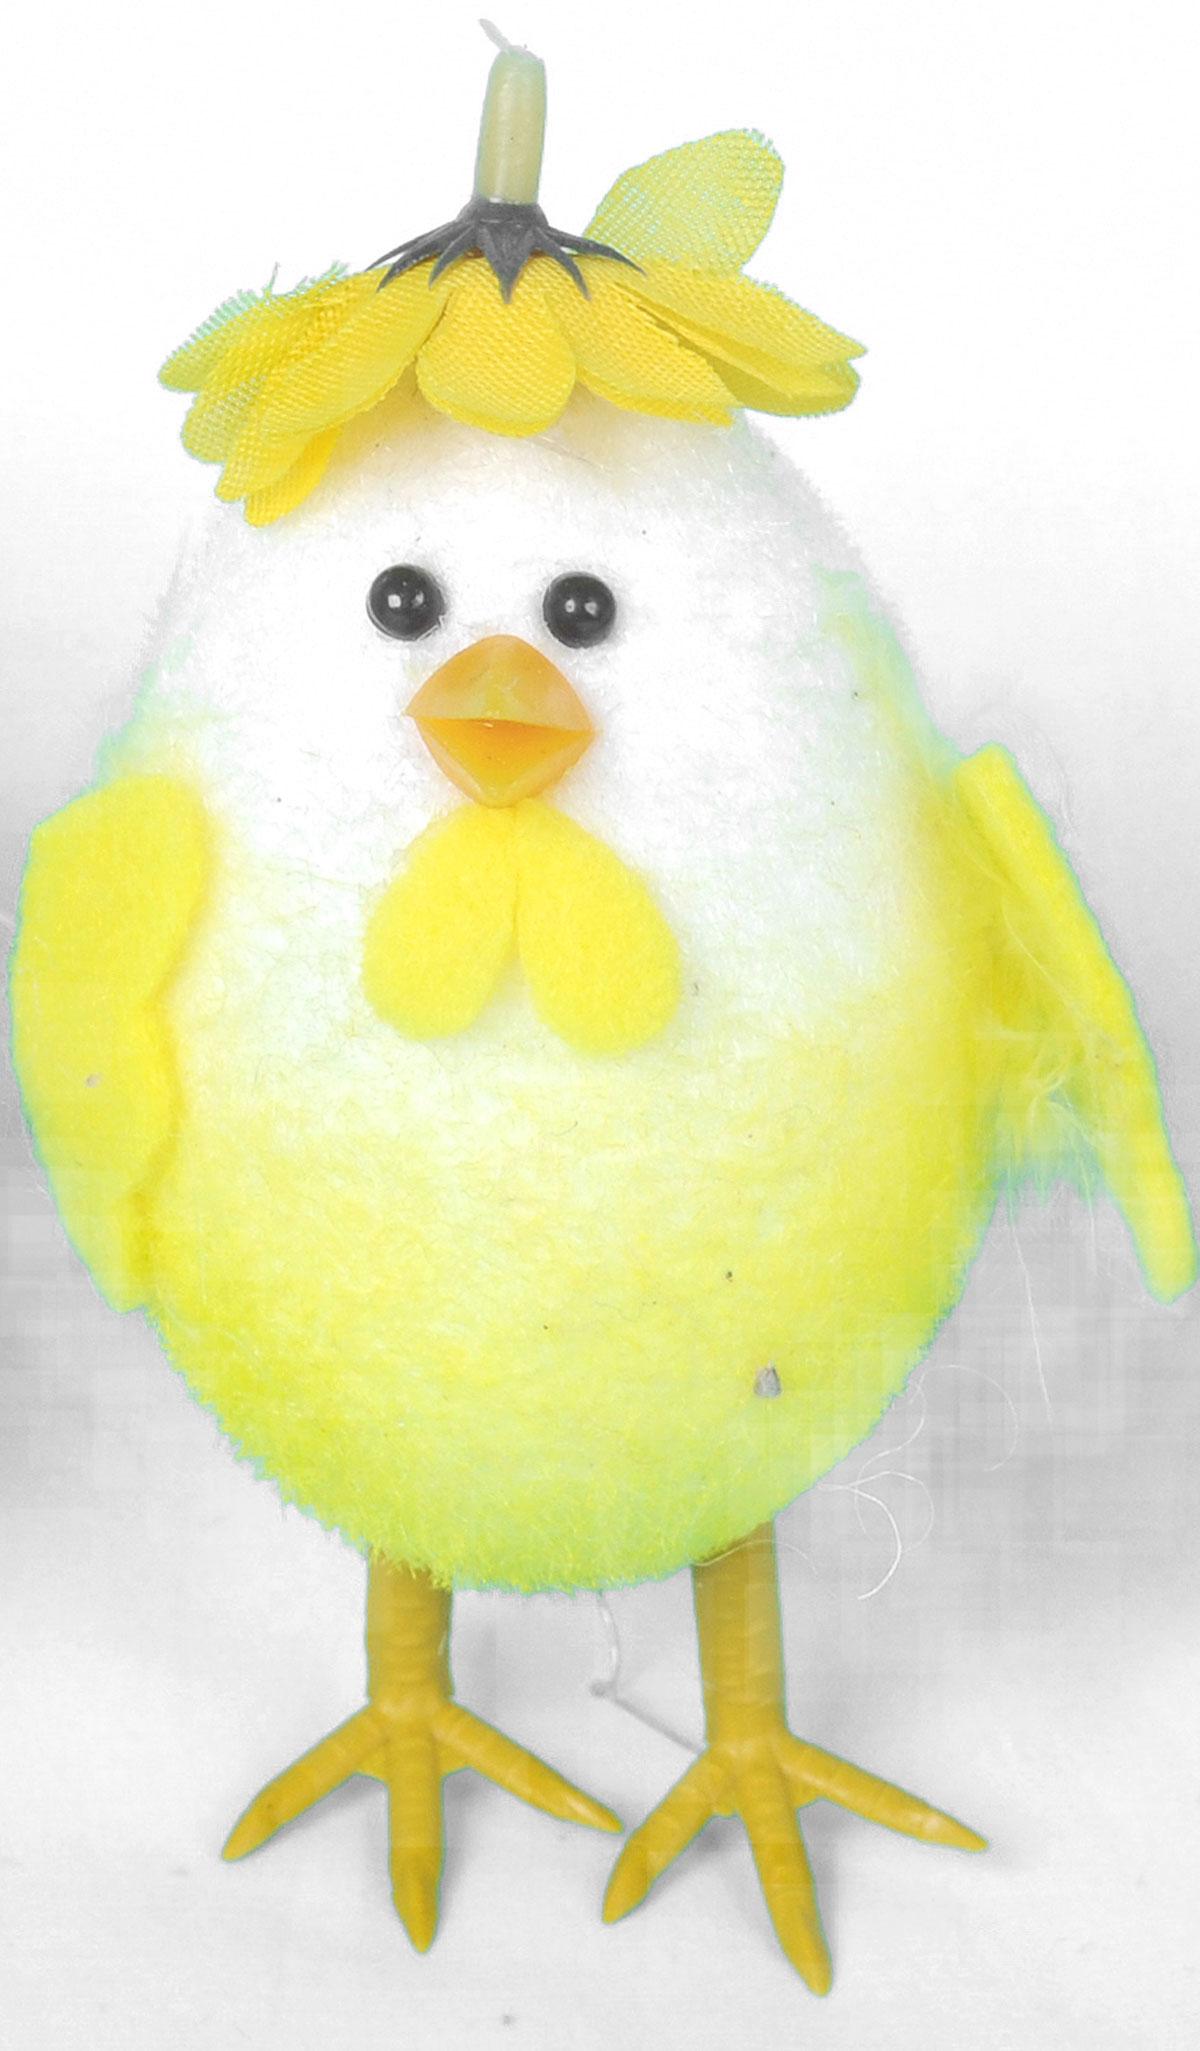 Декоративное украшение Home Queen Приветливый цыпленок, цвет: желтый, 8 х 11 смG-MLP-PZ-01 (0550)Декоративное украшение Home Queen Приветливый цыпленок выполнено из пенопласта и полиэстера в виде забавного цыпленка. Такое украшение прекрасно оформит интерьер дома или станет замечательным подарком для друзей и близких на Пасху. Размер: 8 см х 11 см х 5 см.